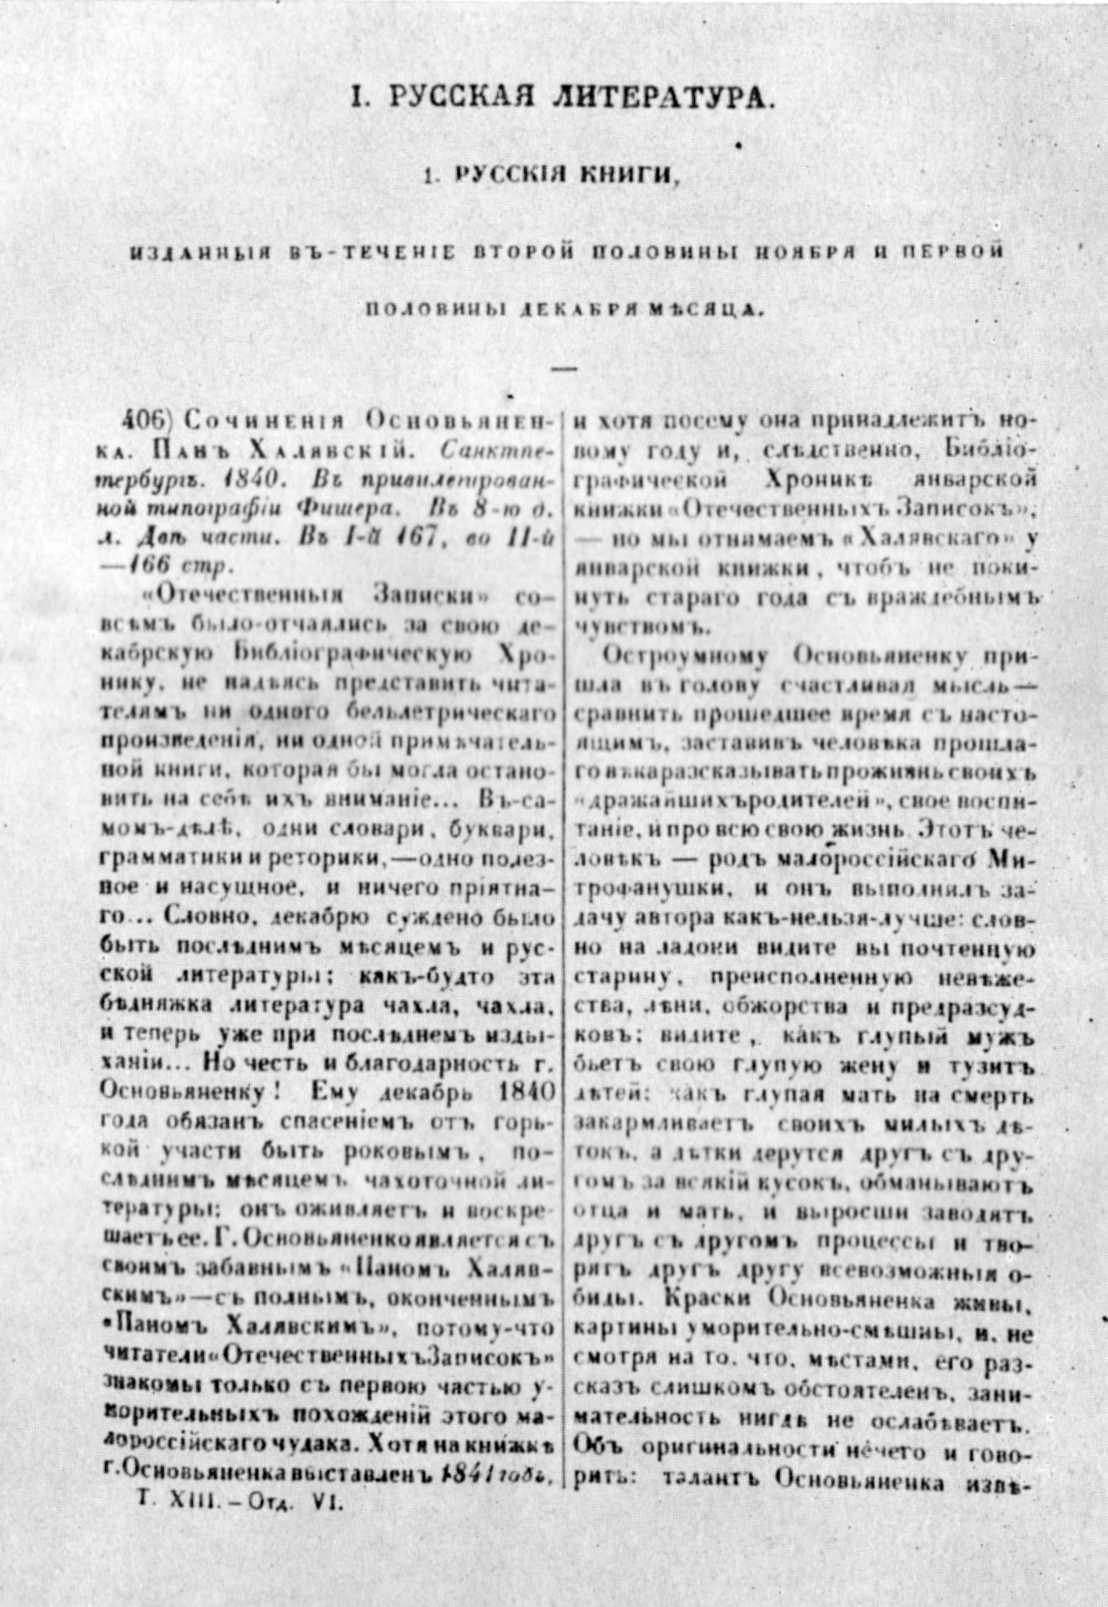 «Пан Халявський», рецензія 1840 р.